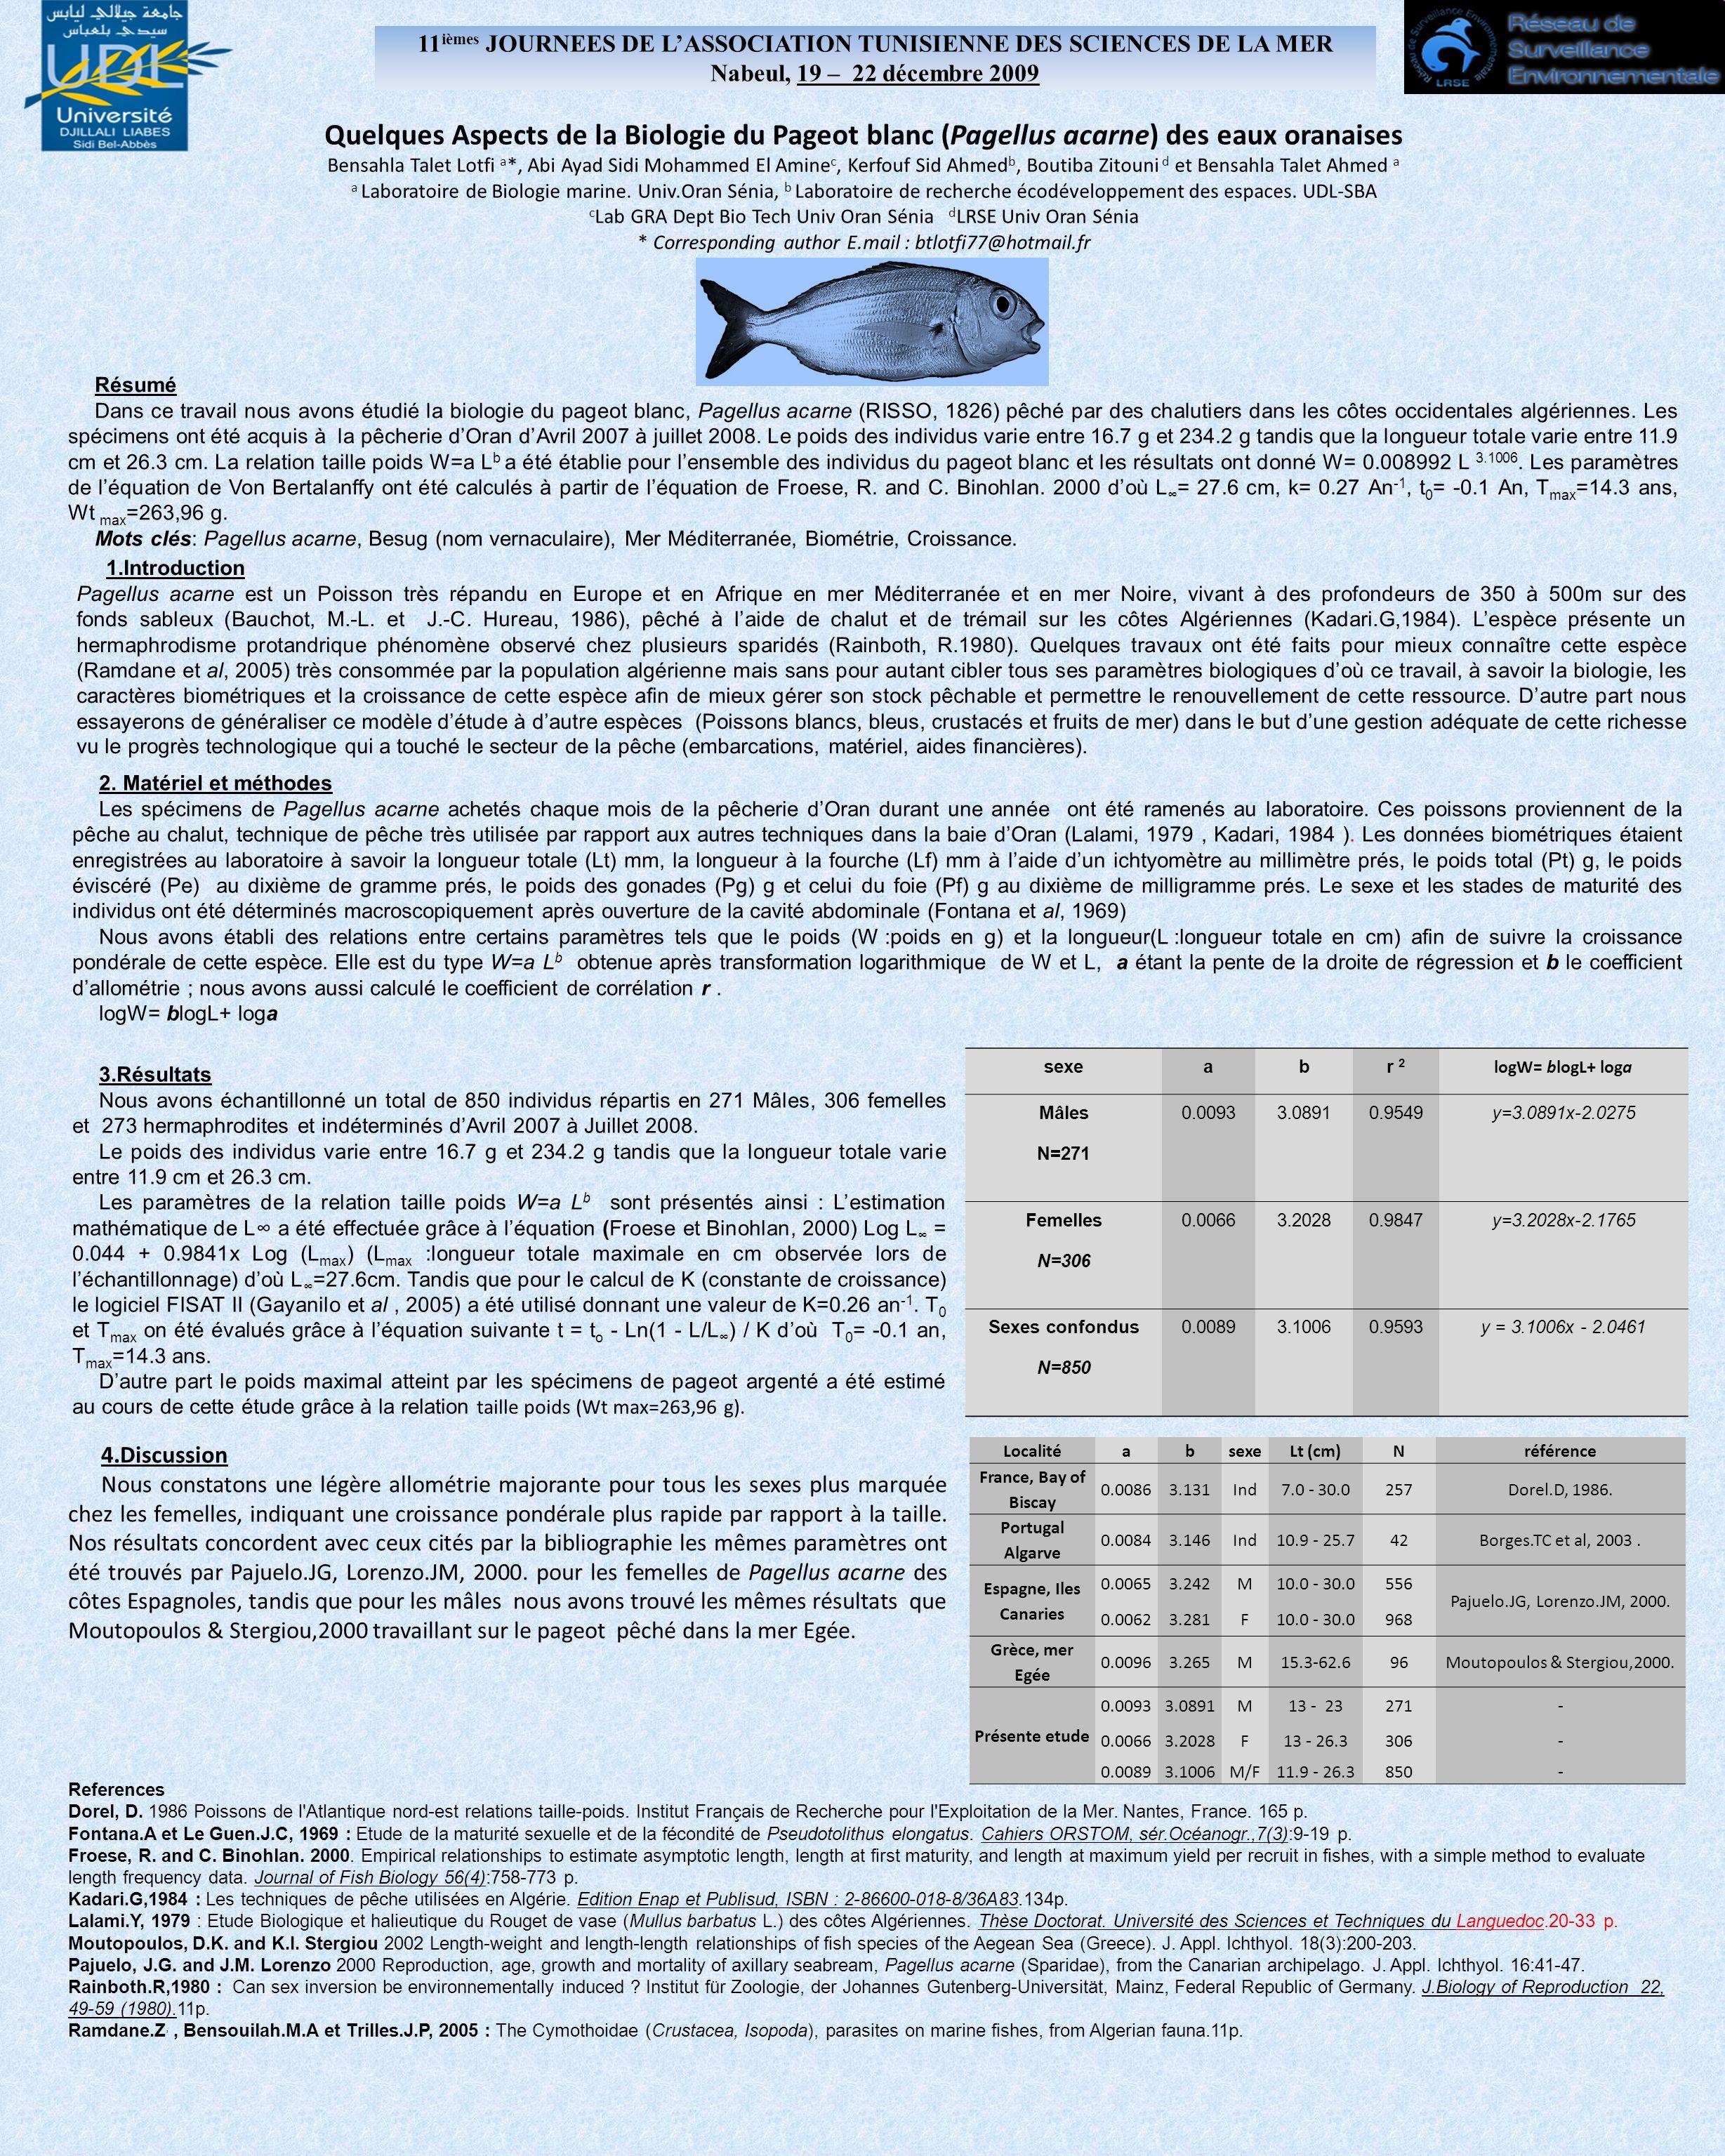 Quelques Aspects de la Biologie du Pageot blanc (Pagellus acarne) des eaux oranaises Bensahla Talet Lotfi a *, Abi Ayad Sidi Mohammed El Amine c, Kerf